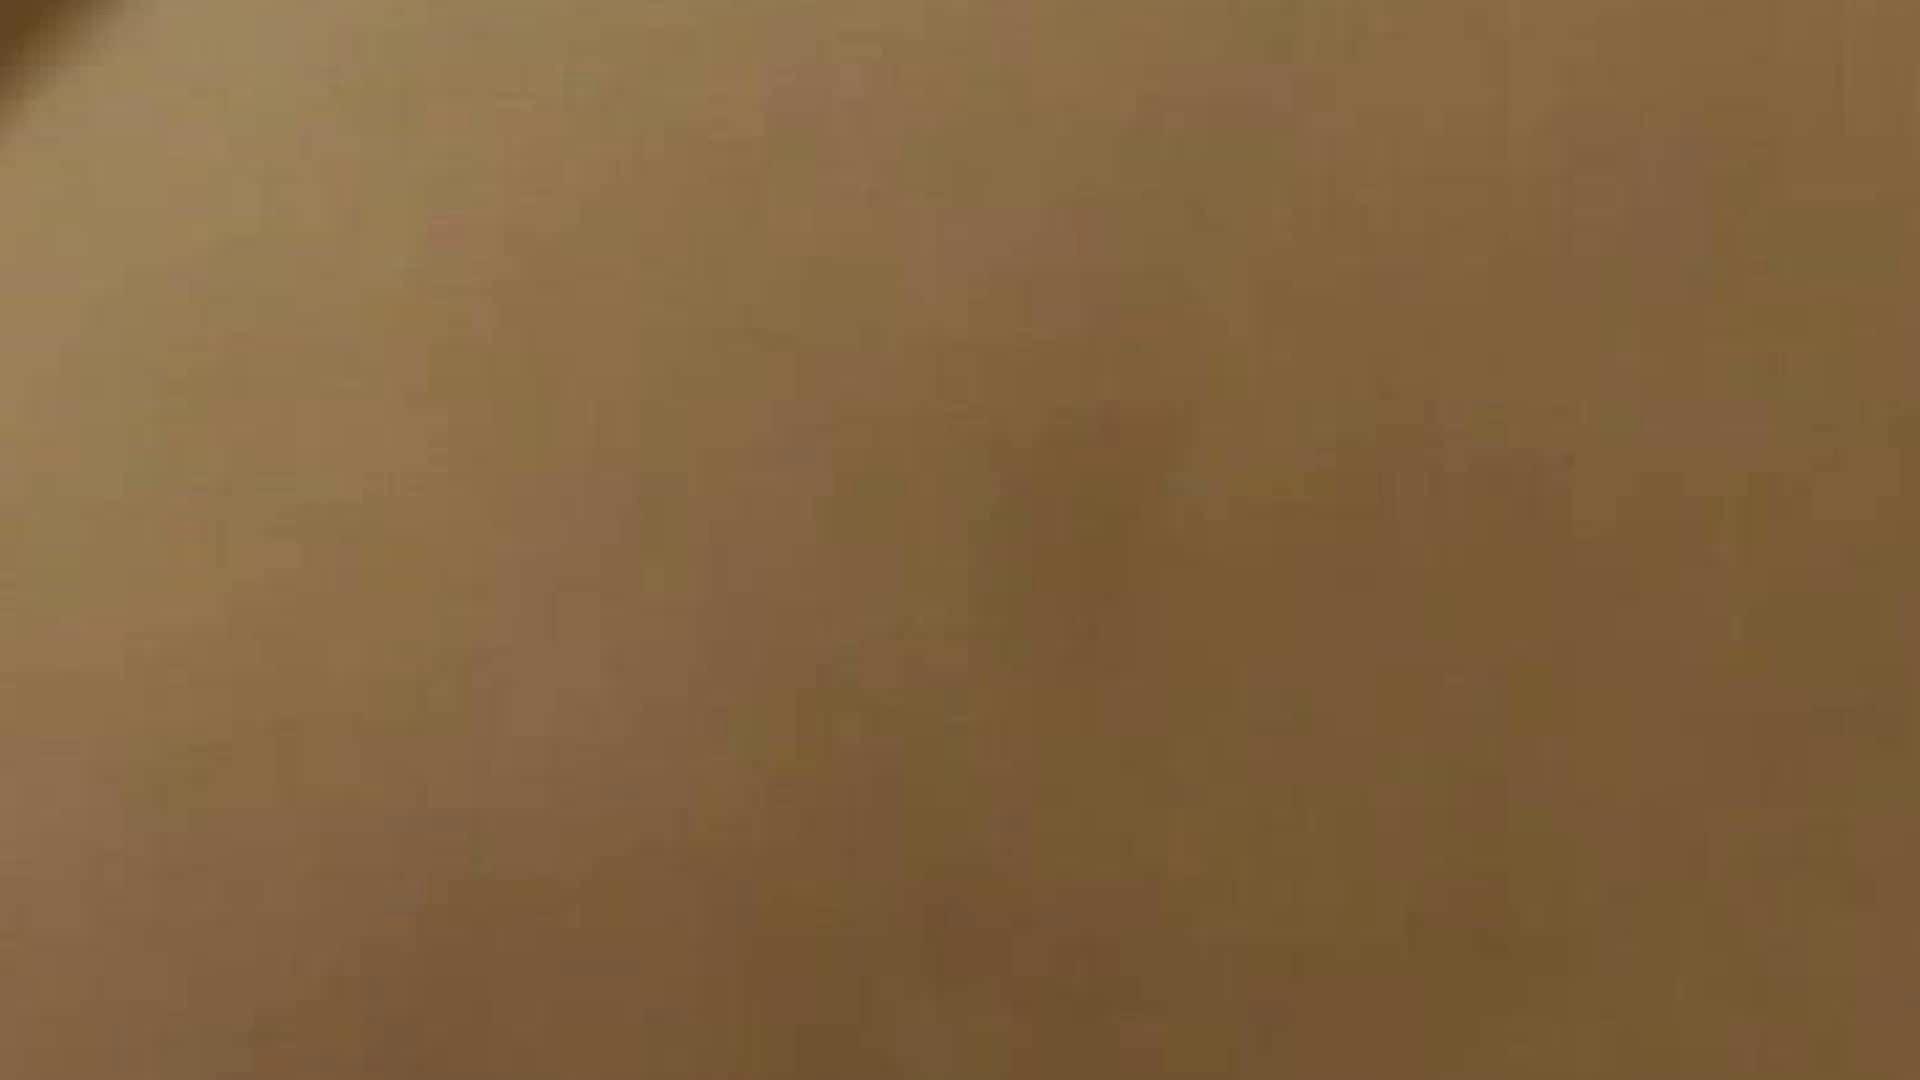 ギャルとハメハメ生チャット!Vol.22 OLヌード天国 隠し撮りオマンコ動画紹介 50PIX 18